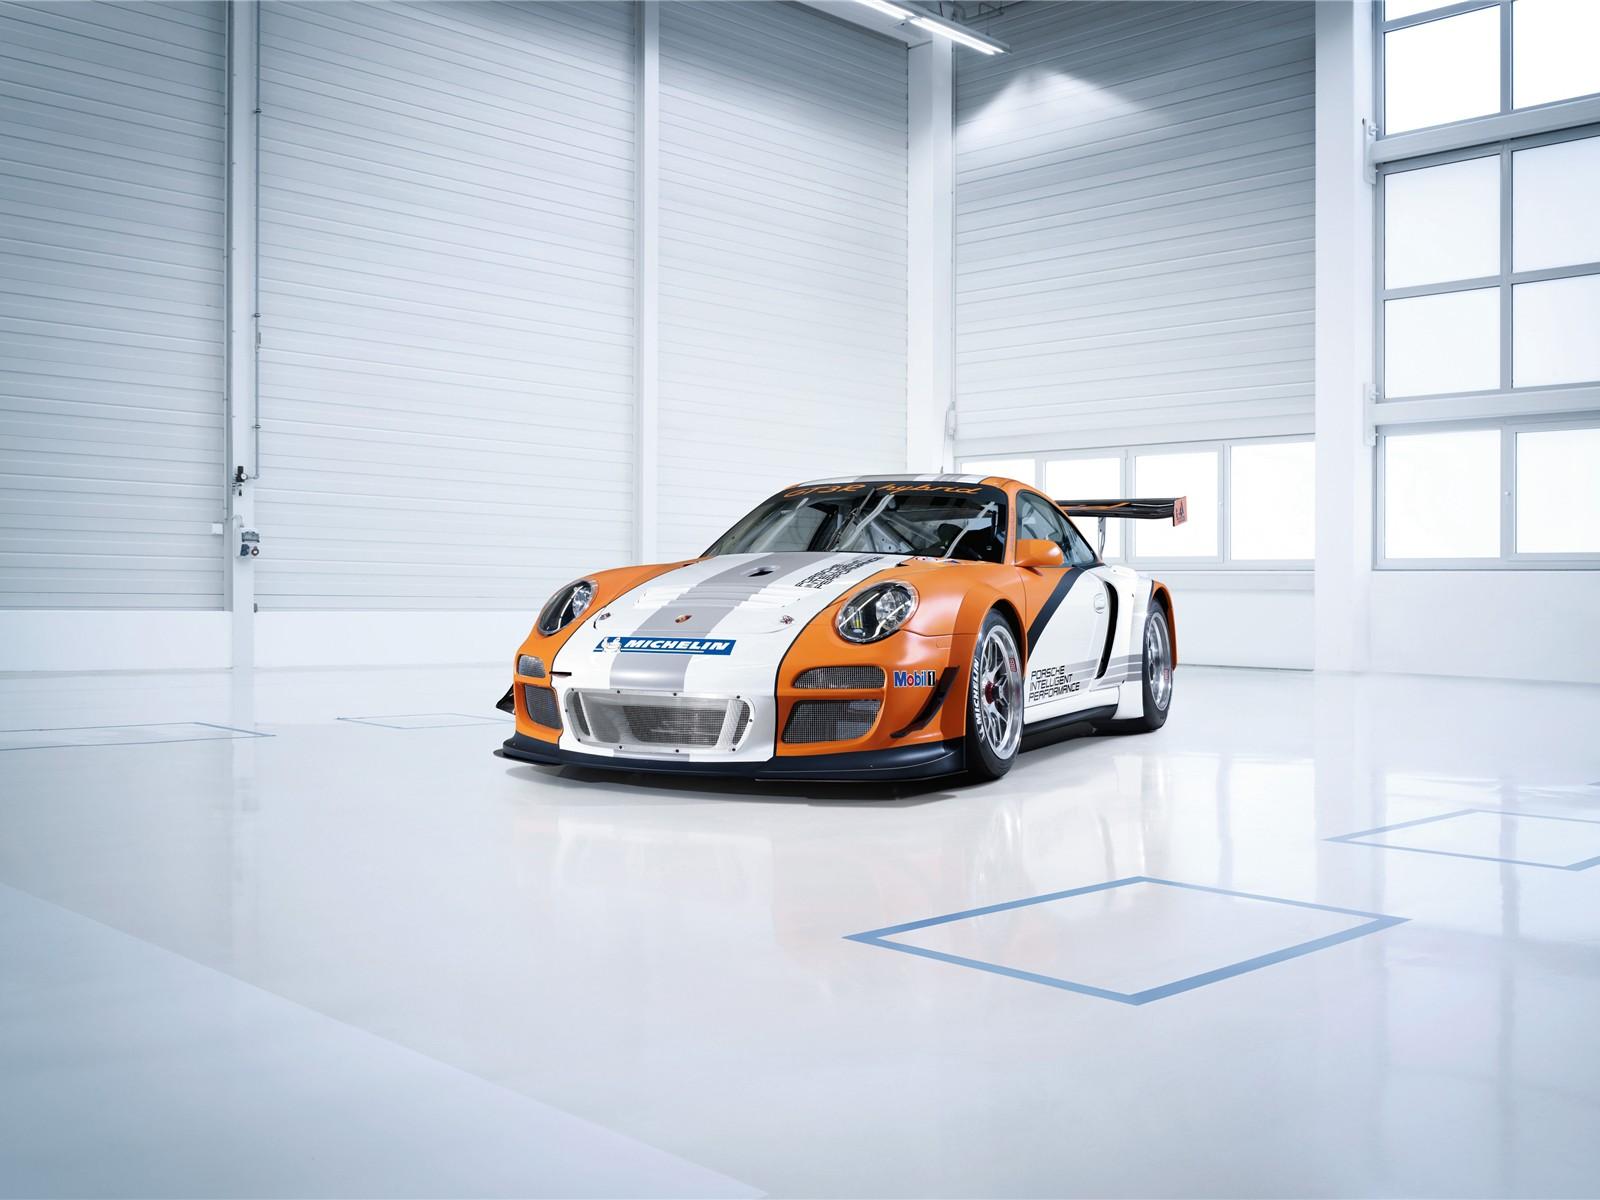 http://4.bp.blogspot.com/_L7TBxp3i-_I/TTbEKNMy-SI/AAAAAAAABJg/Sep_Wz2XMDw/s1600/Porsche+911+GT3+R+Hybrid+2011+wallpaper.jpg